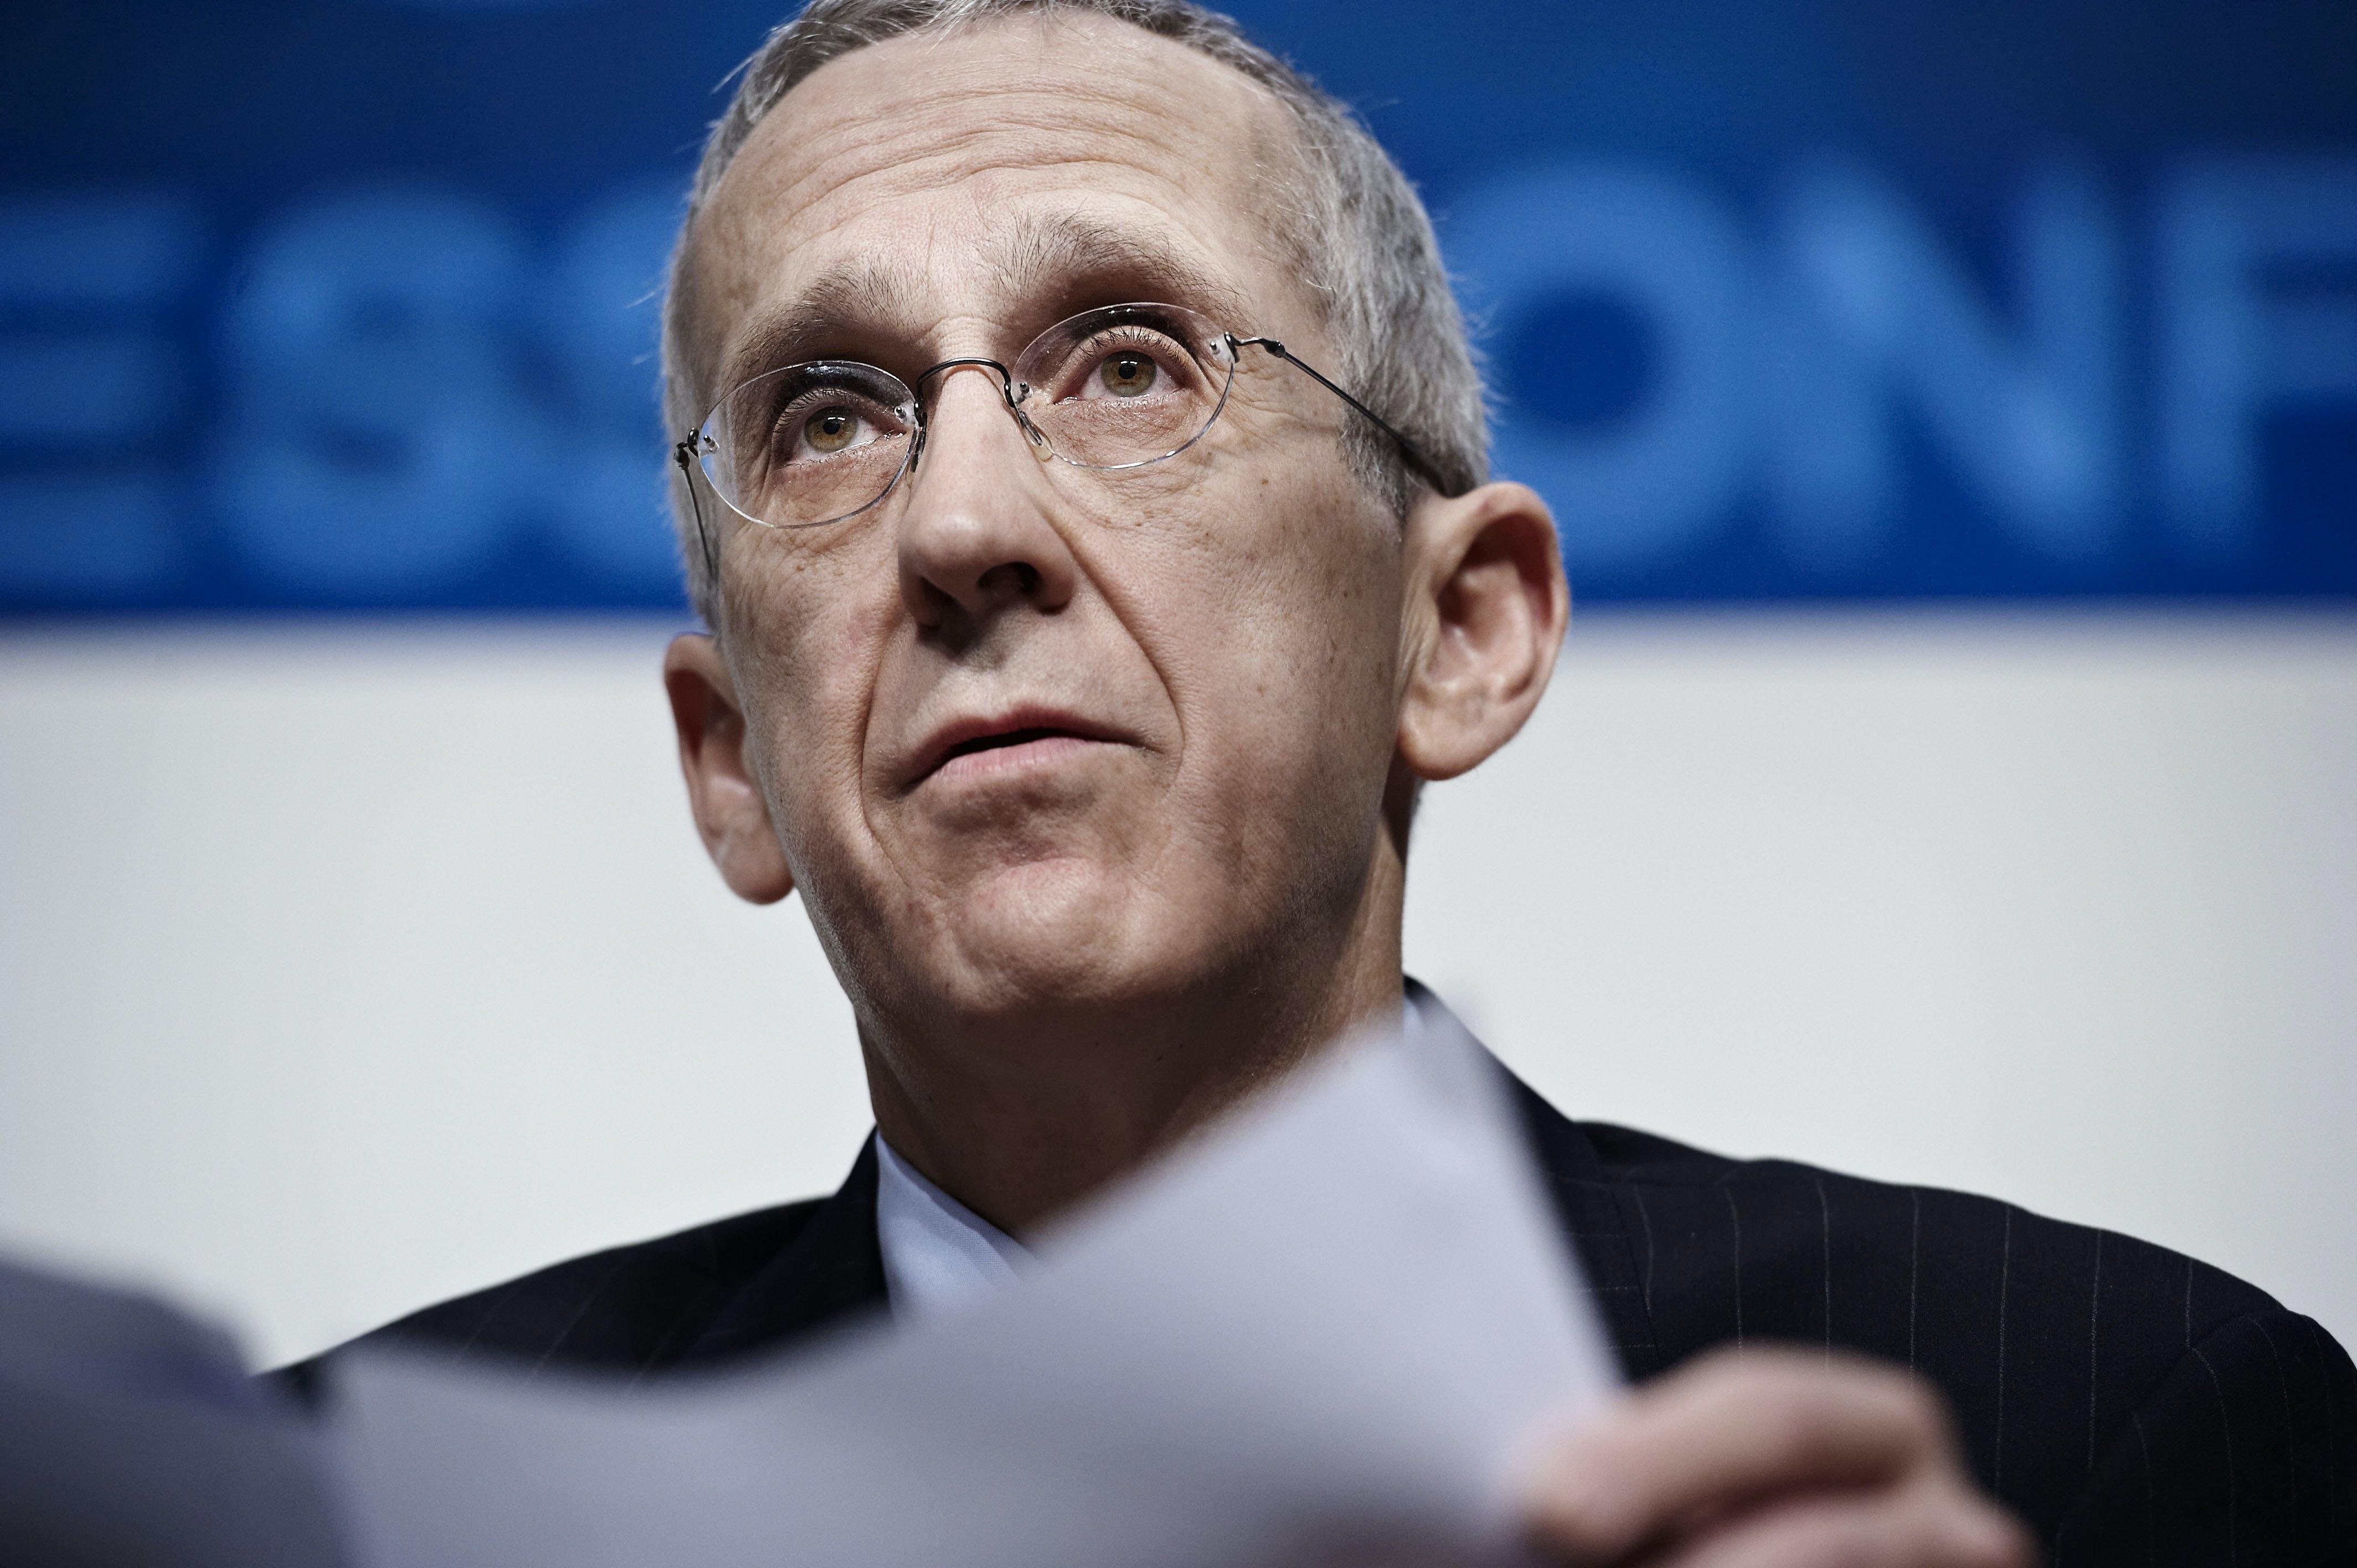 O enviado principal do clima dos EUA, Todd Stern, fala durante uma entrevista coletiva na Cúpula do Clima da ONU em Copenhague, em 9 de dezembro de 2009.